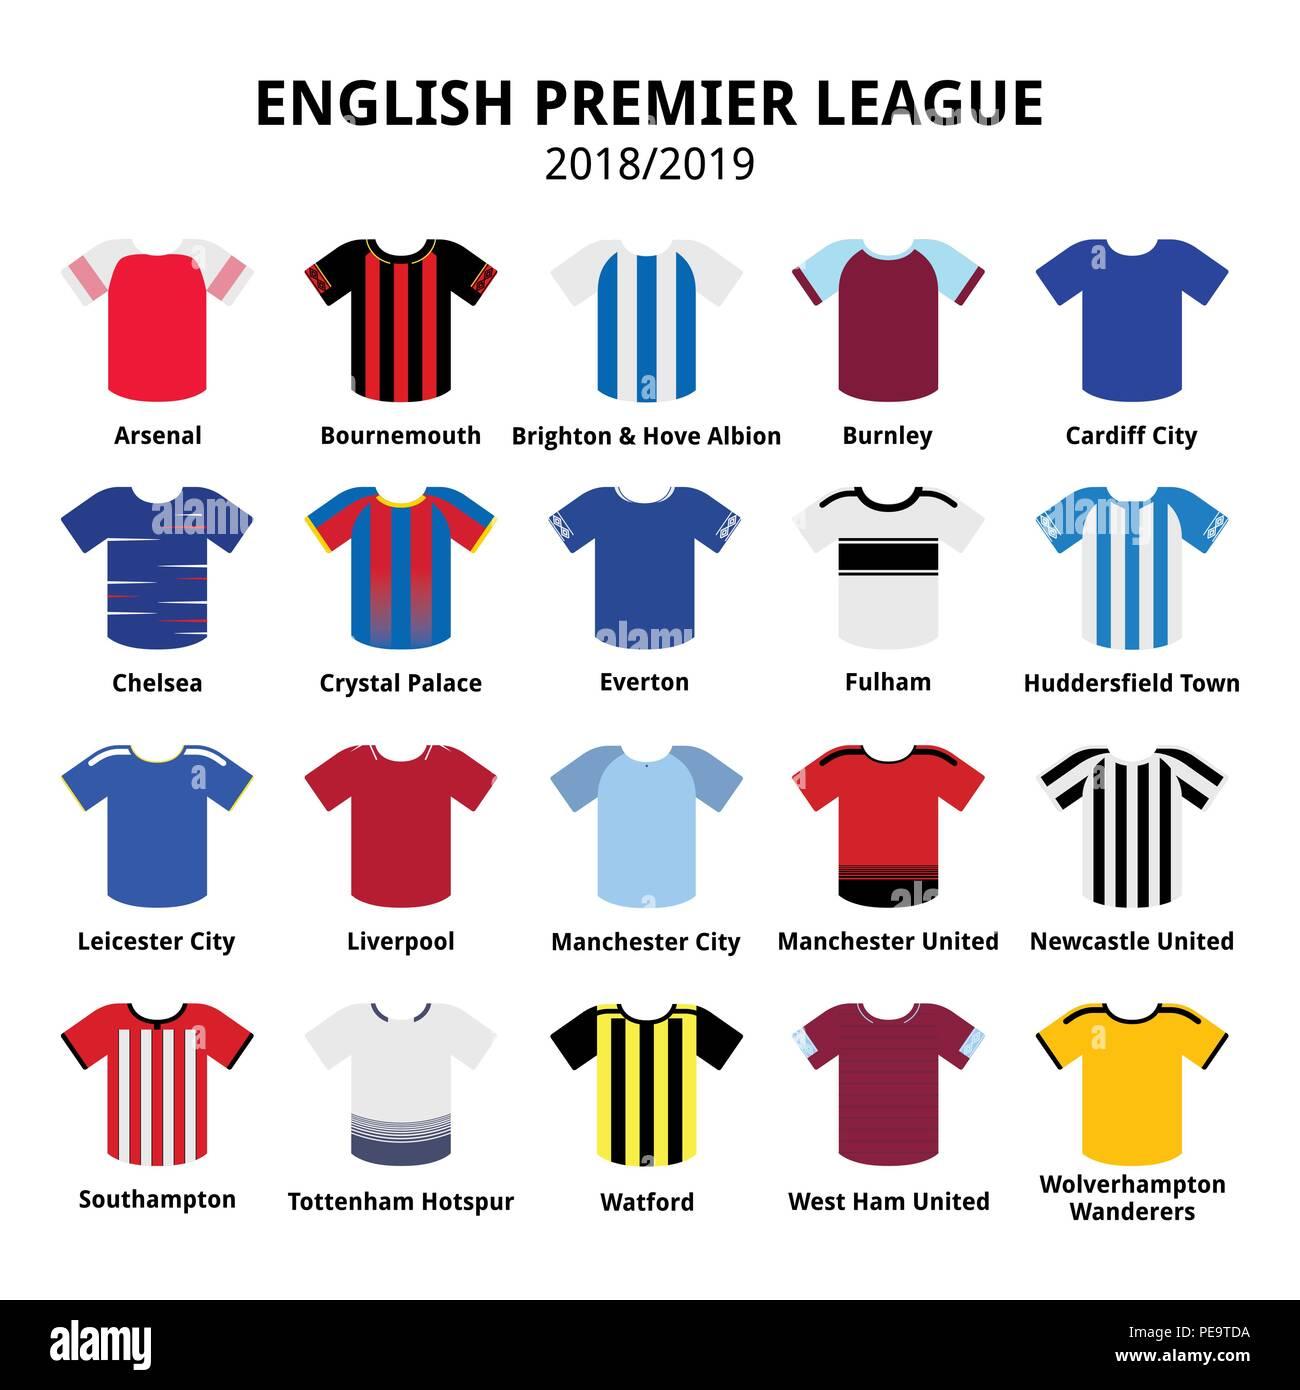 Die Englische Premier League Kits 2018 2019 Fussball Oder